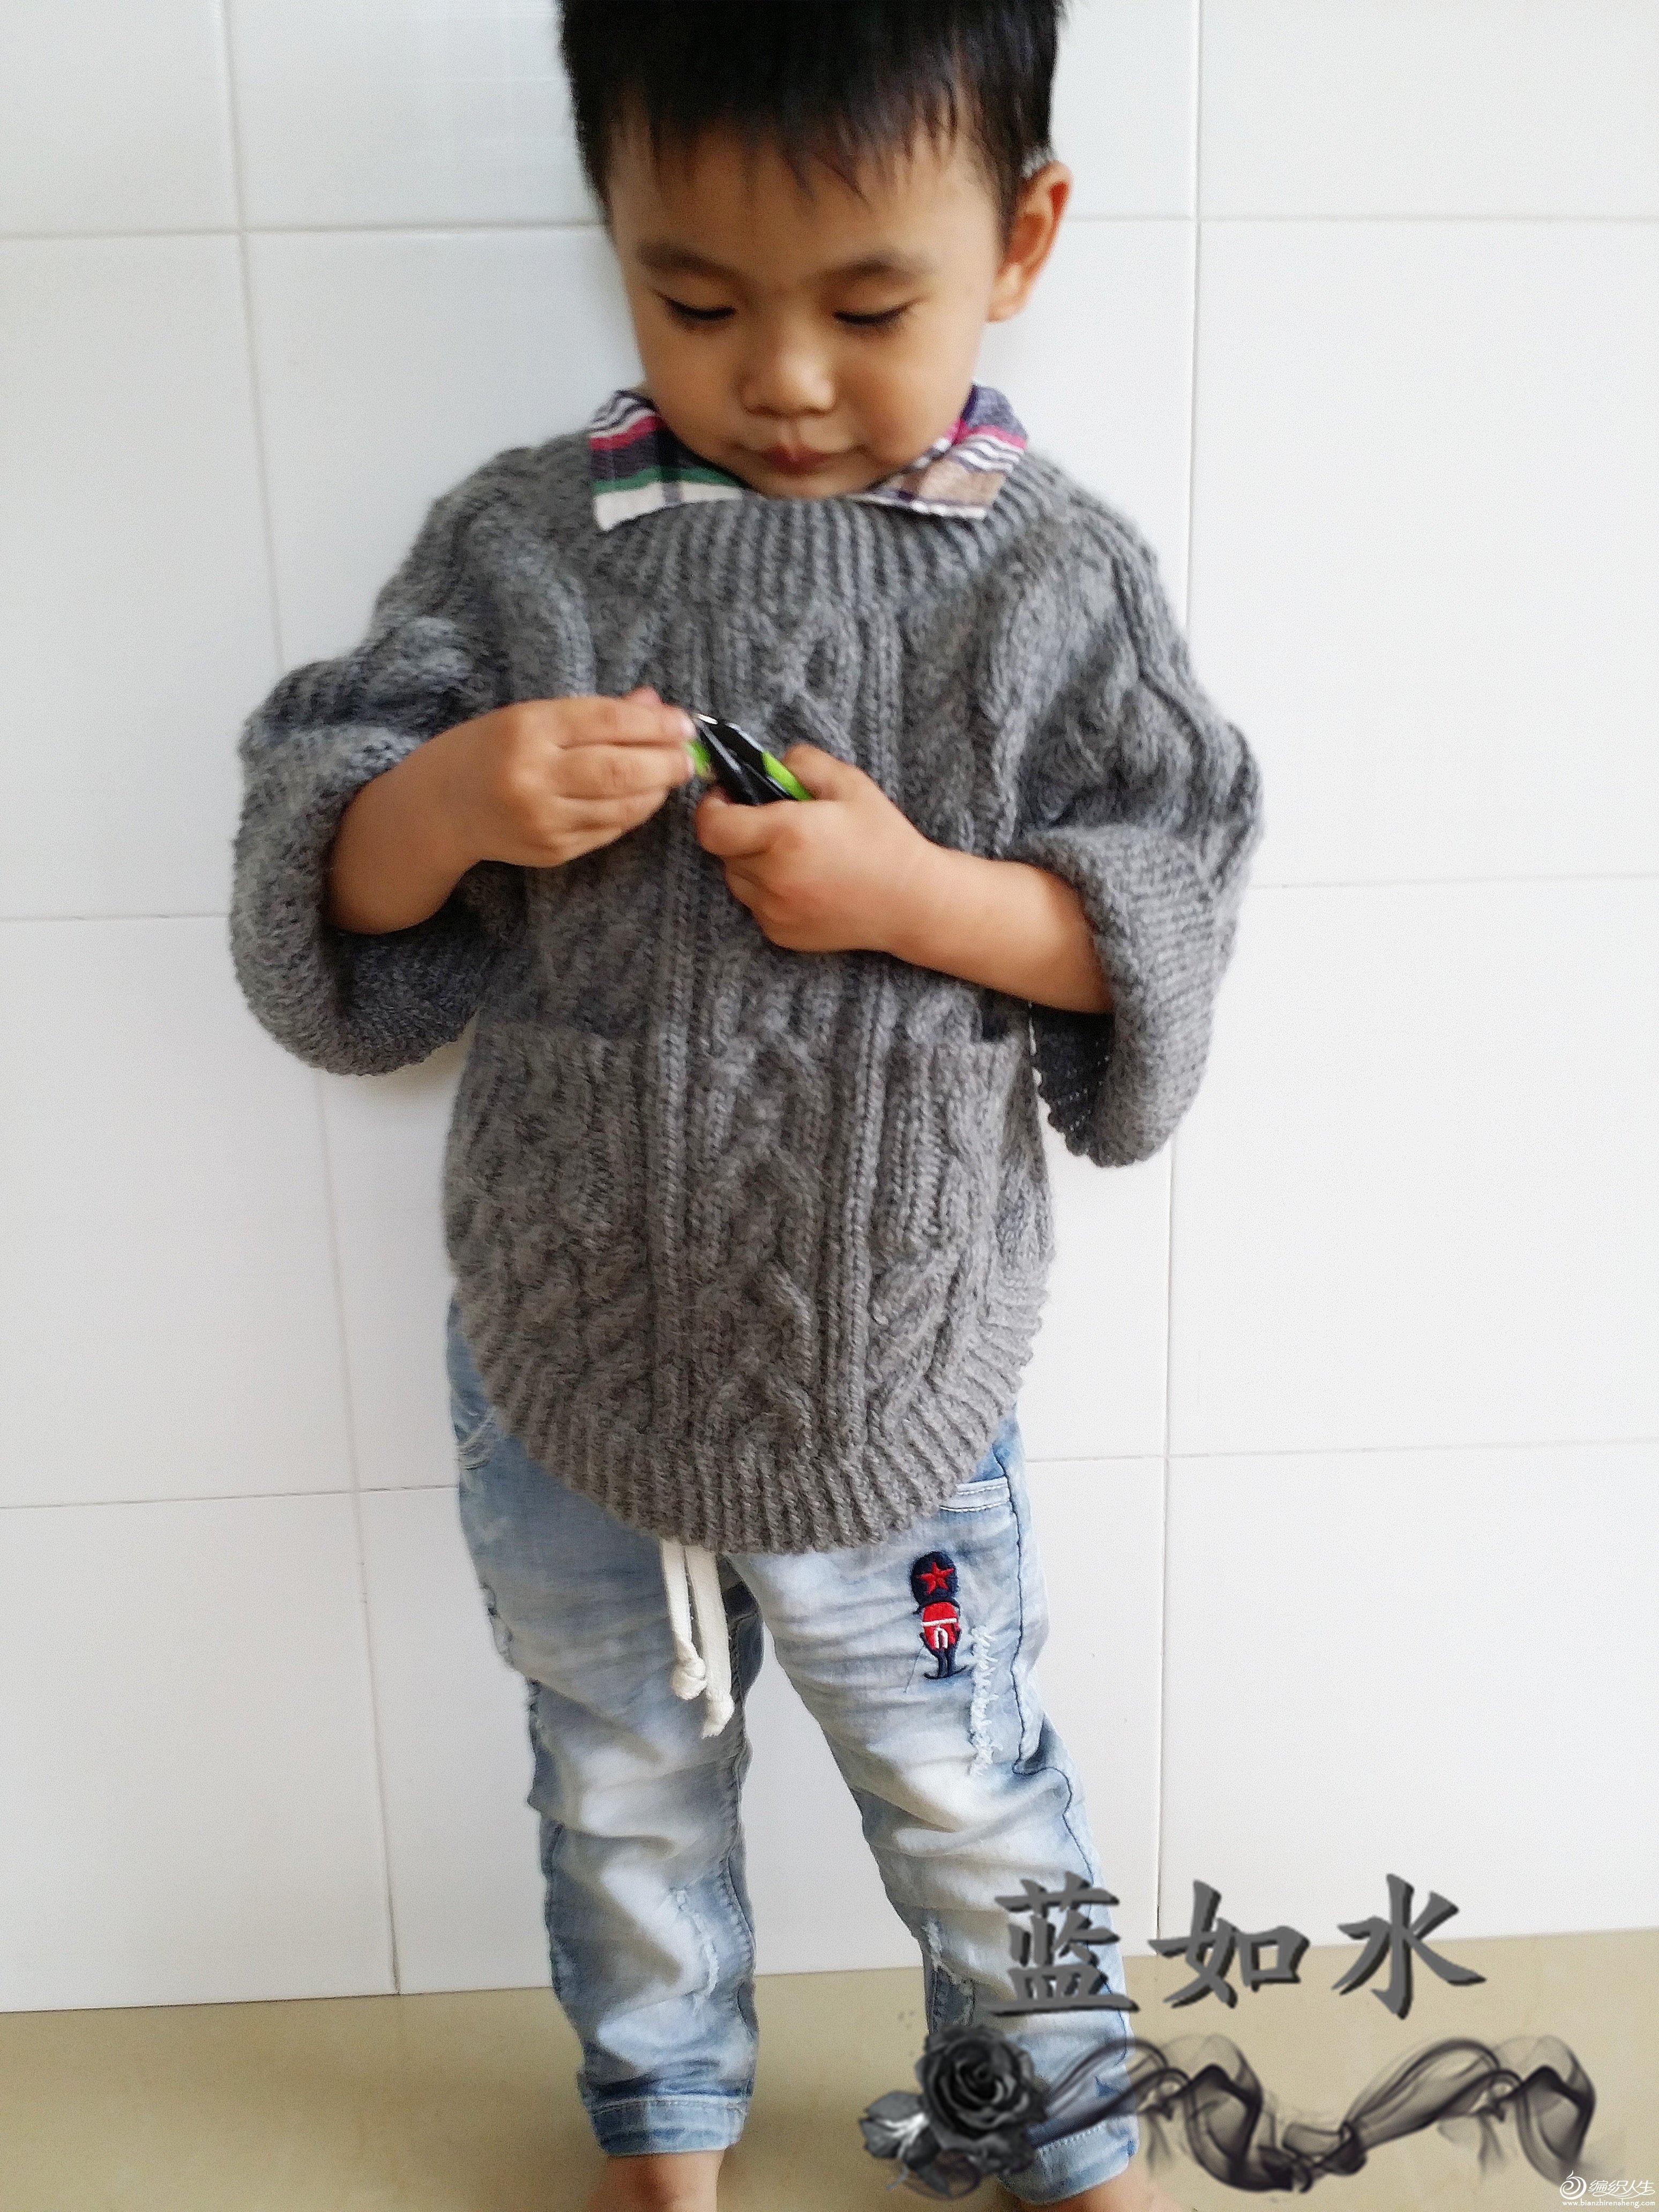 男童斗篷式套头毛衣